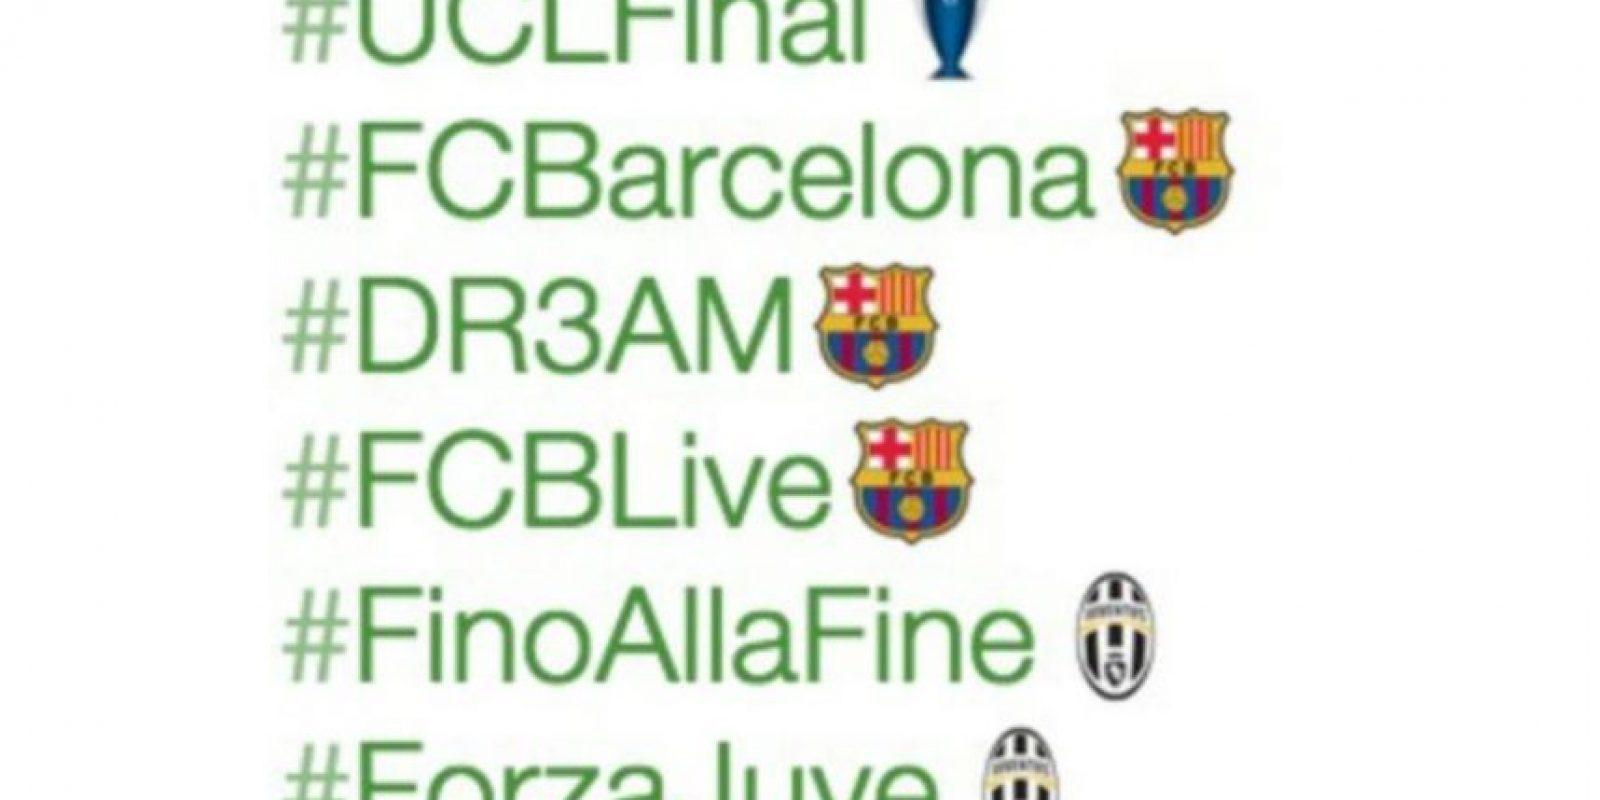 3- Emojis por la final de la UEFA Champions League entre Barcelona y Juventus. Foto:vía Twitter.com